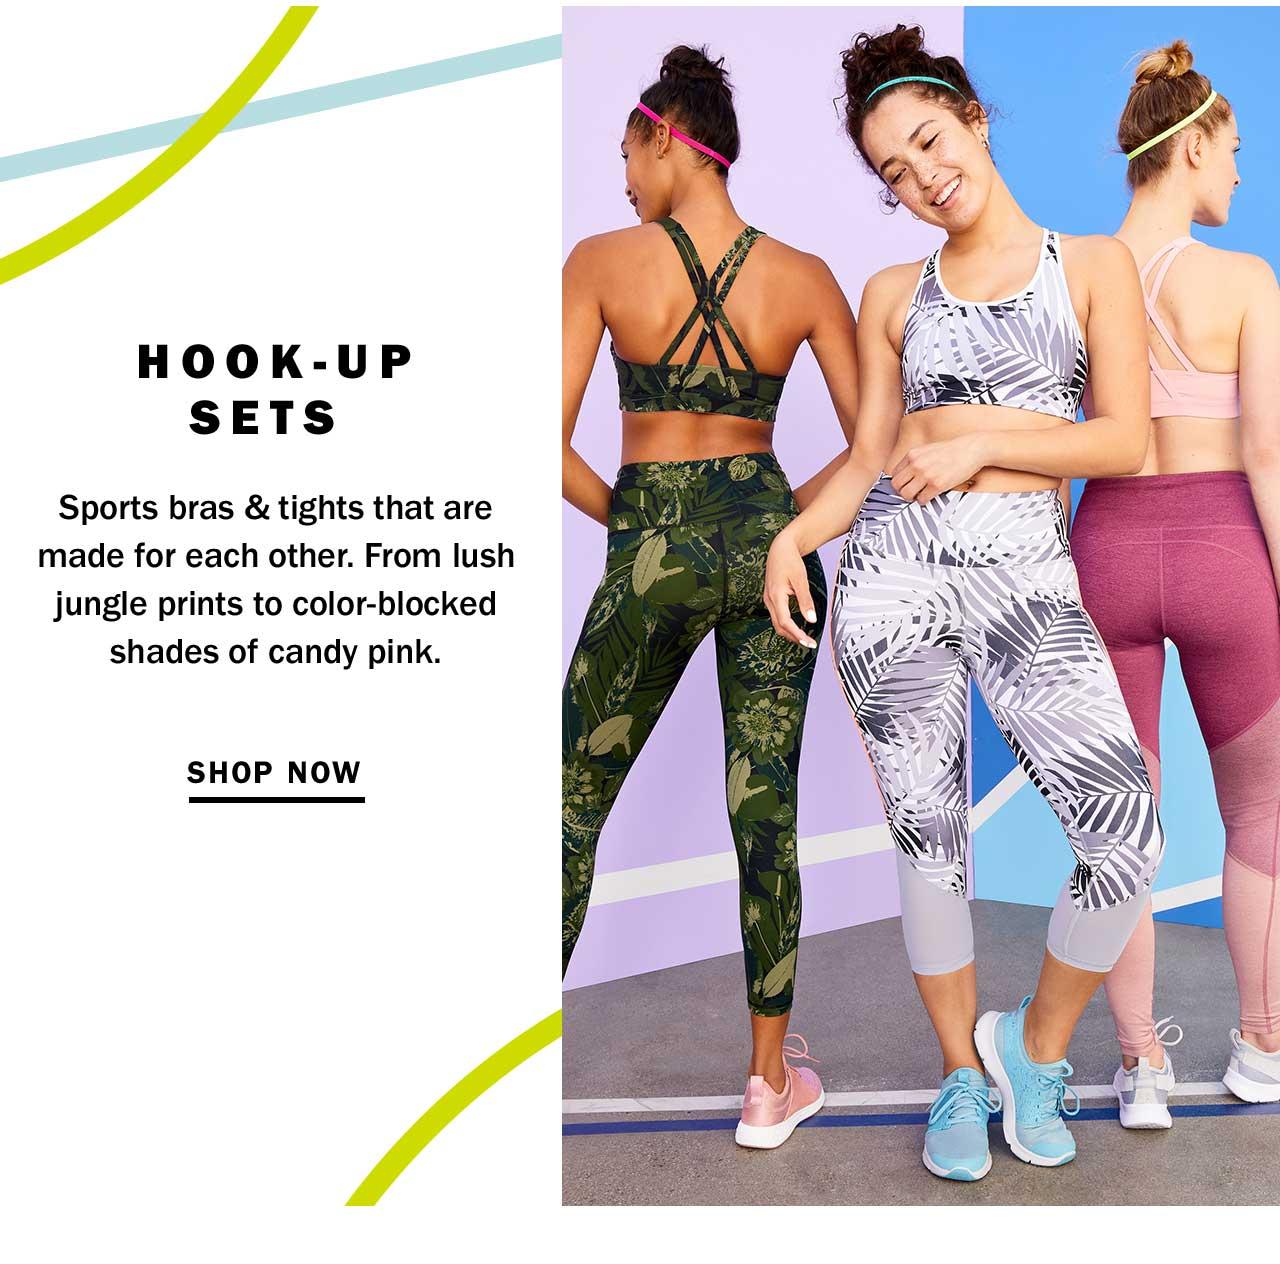 HOOK-UP SETS   SHOP NOW